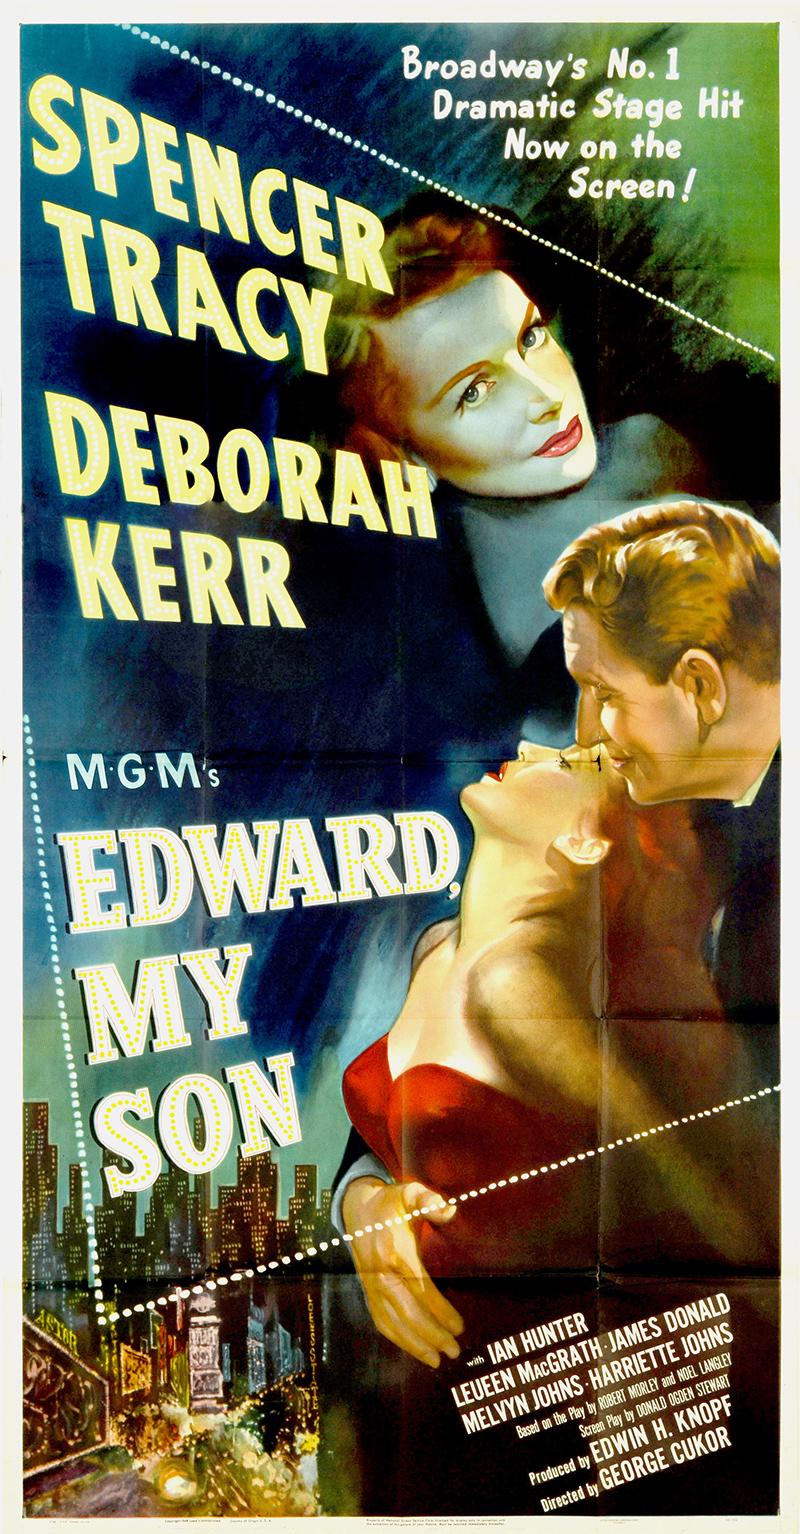 Edward, My Son 1949 Original Movie Poster #FFF-01651   FFFMovieposters.com